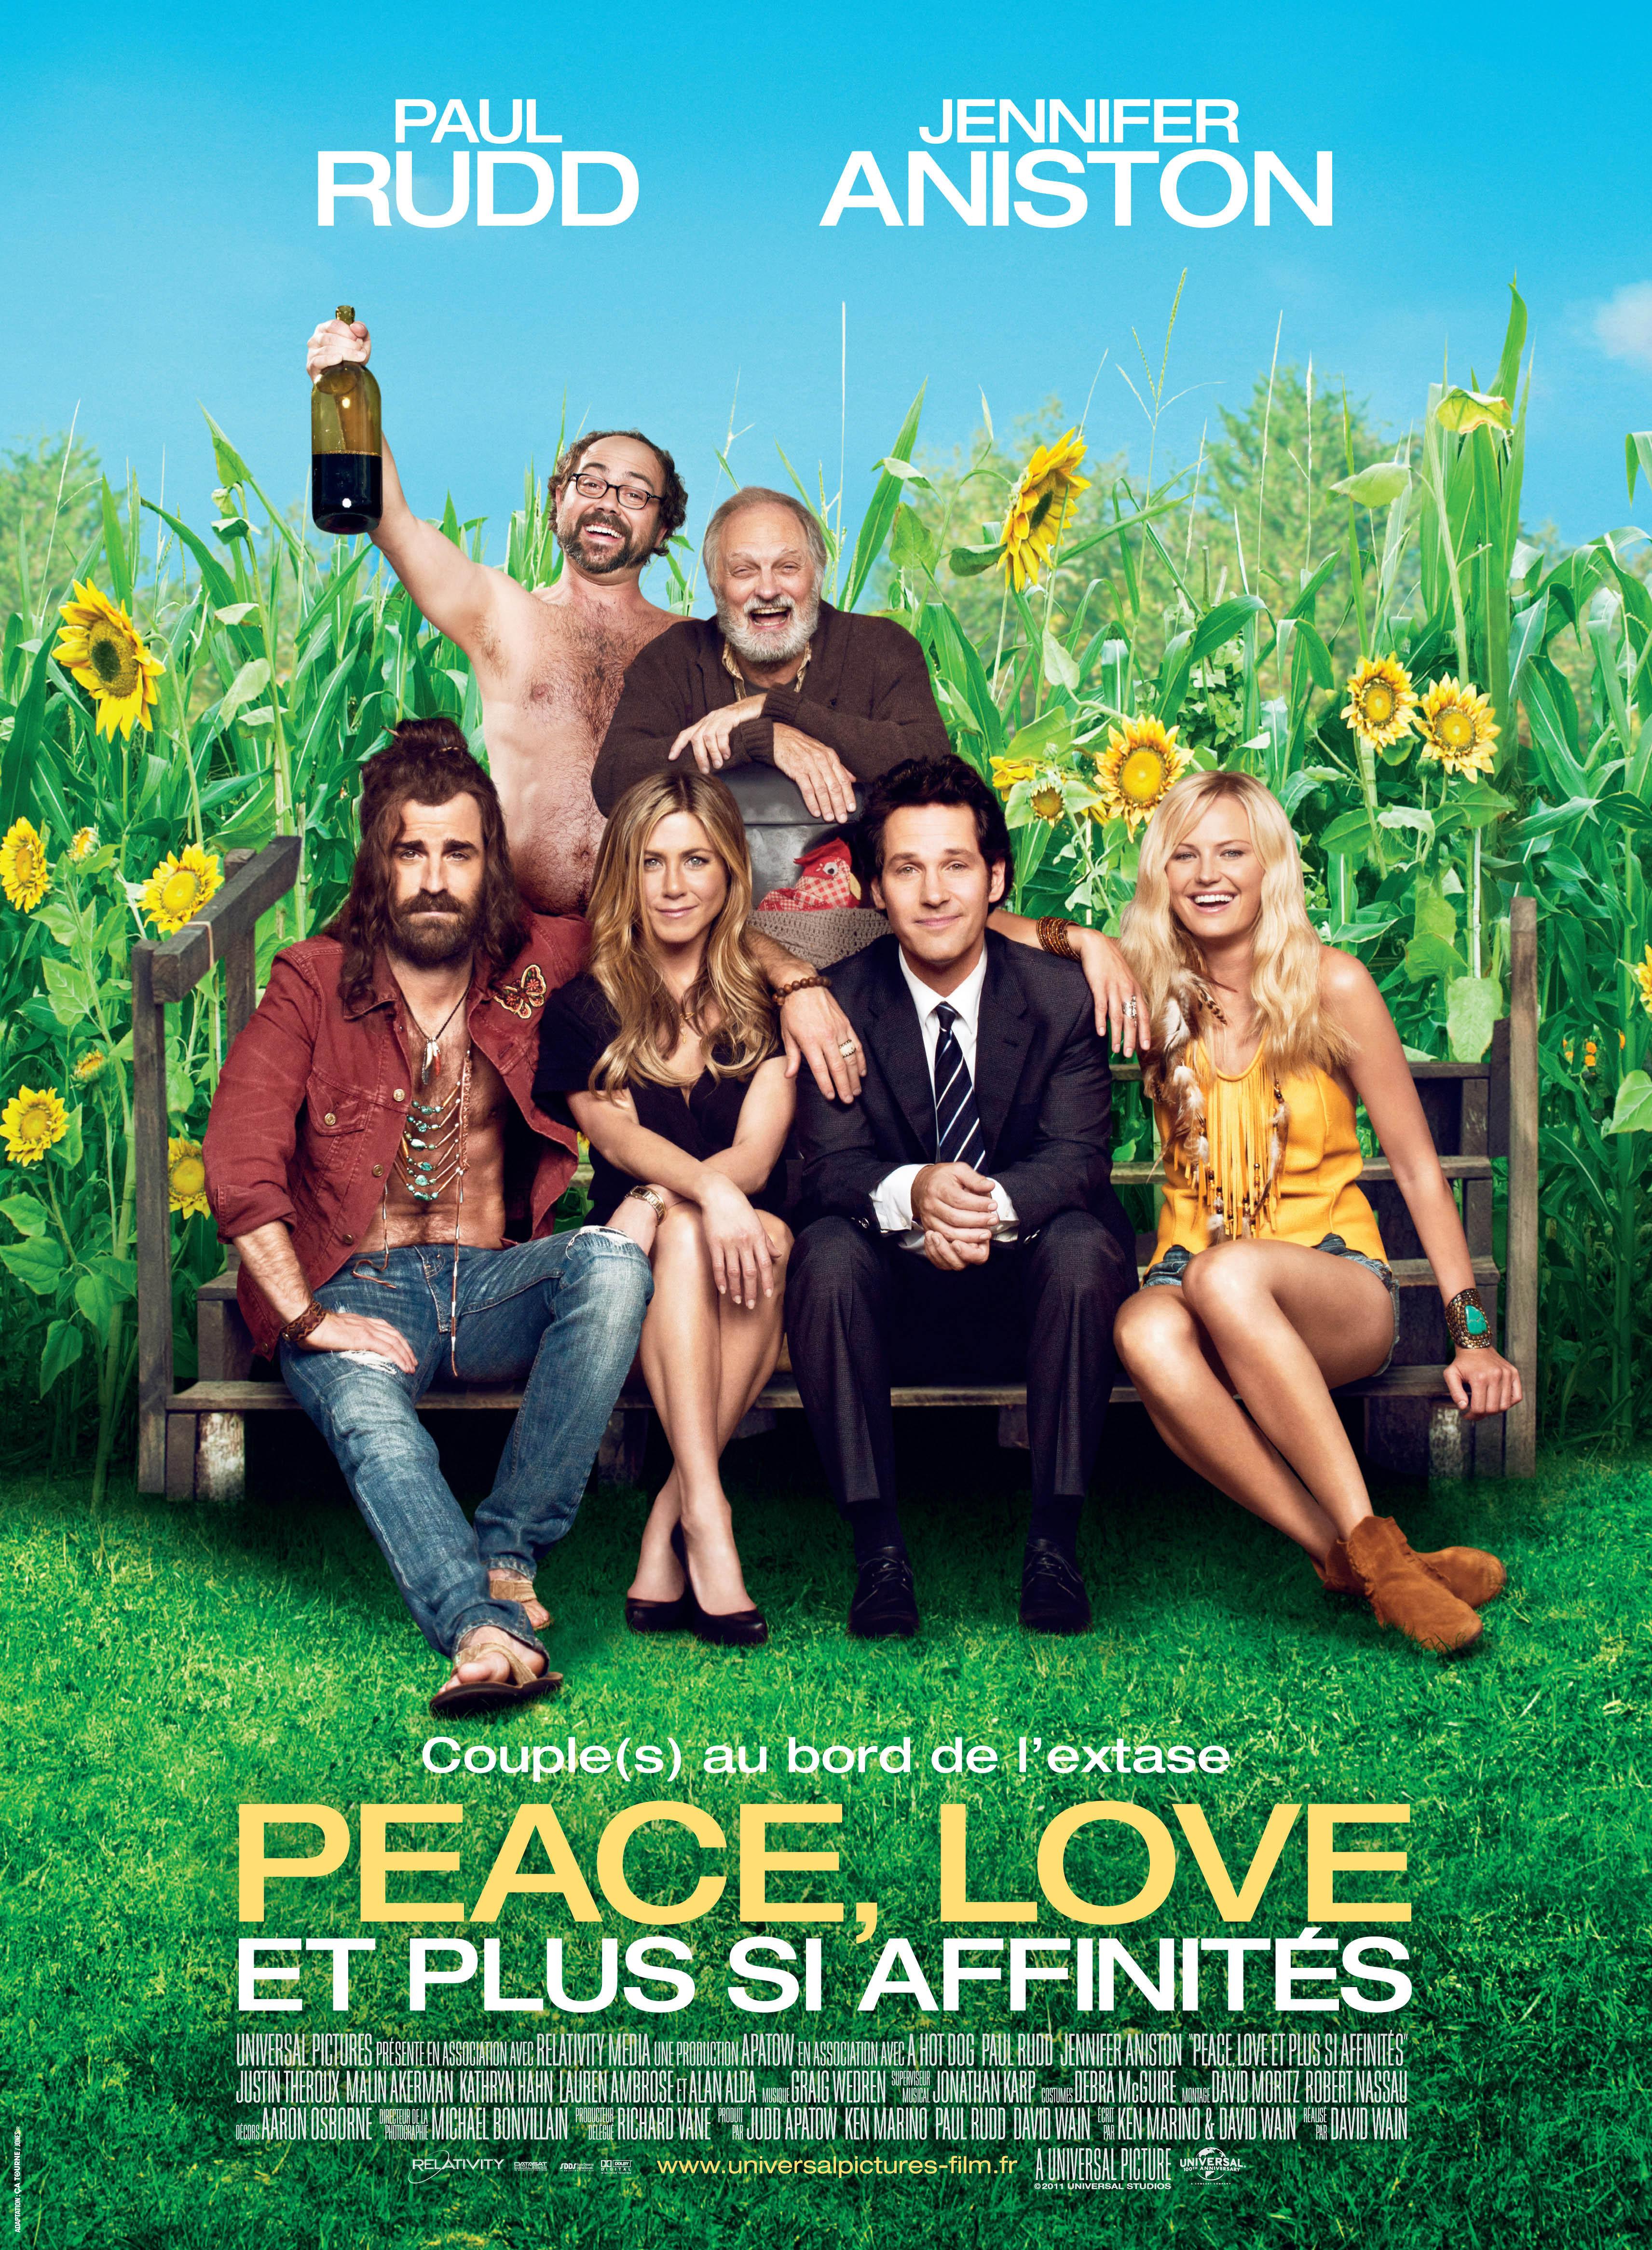 affiche du film Peace, Love et plus si affinités